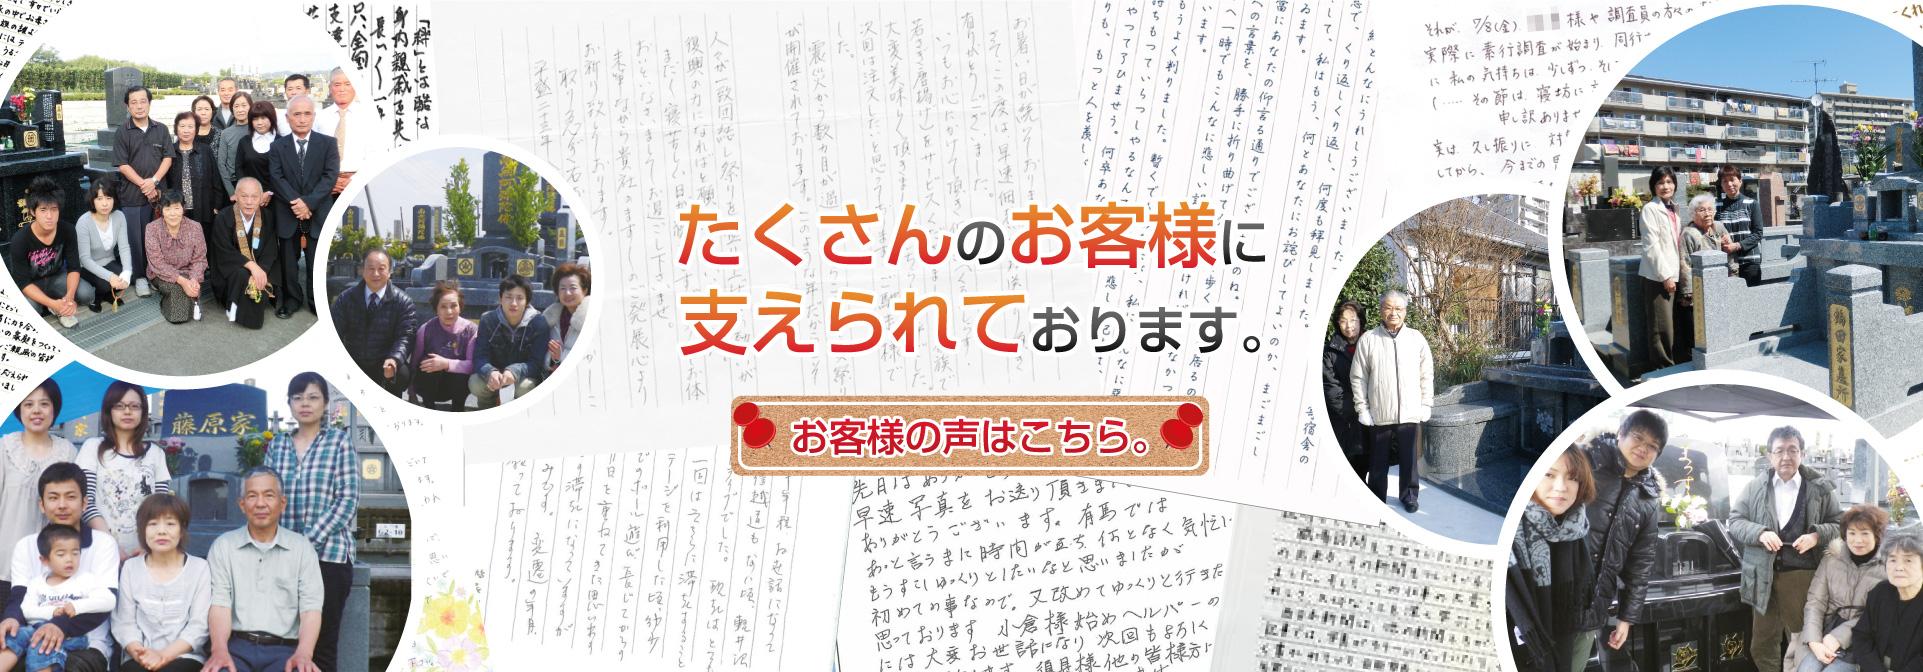 スッキリ完成^_^